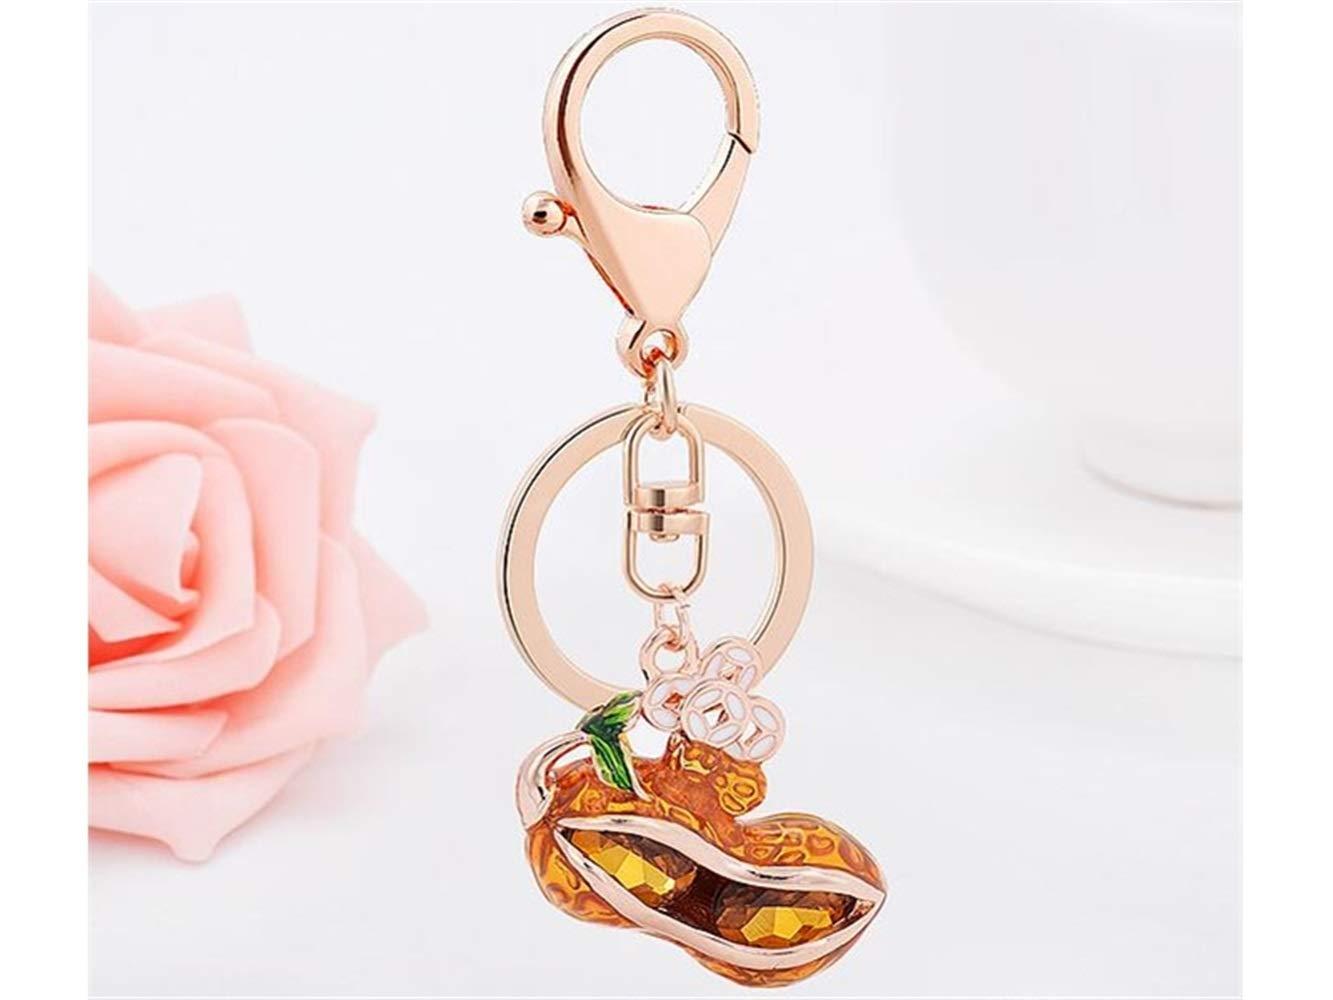 Portachiavi Portachiavi Oro Rosetreee Fascino della Borsa Serie di Stile Cinese Lucky Peanuts Keychain Charms Borsa Borsa Pendente del Telefono per Le Donne Ragazze